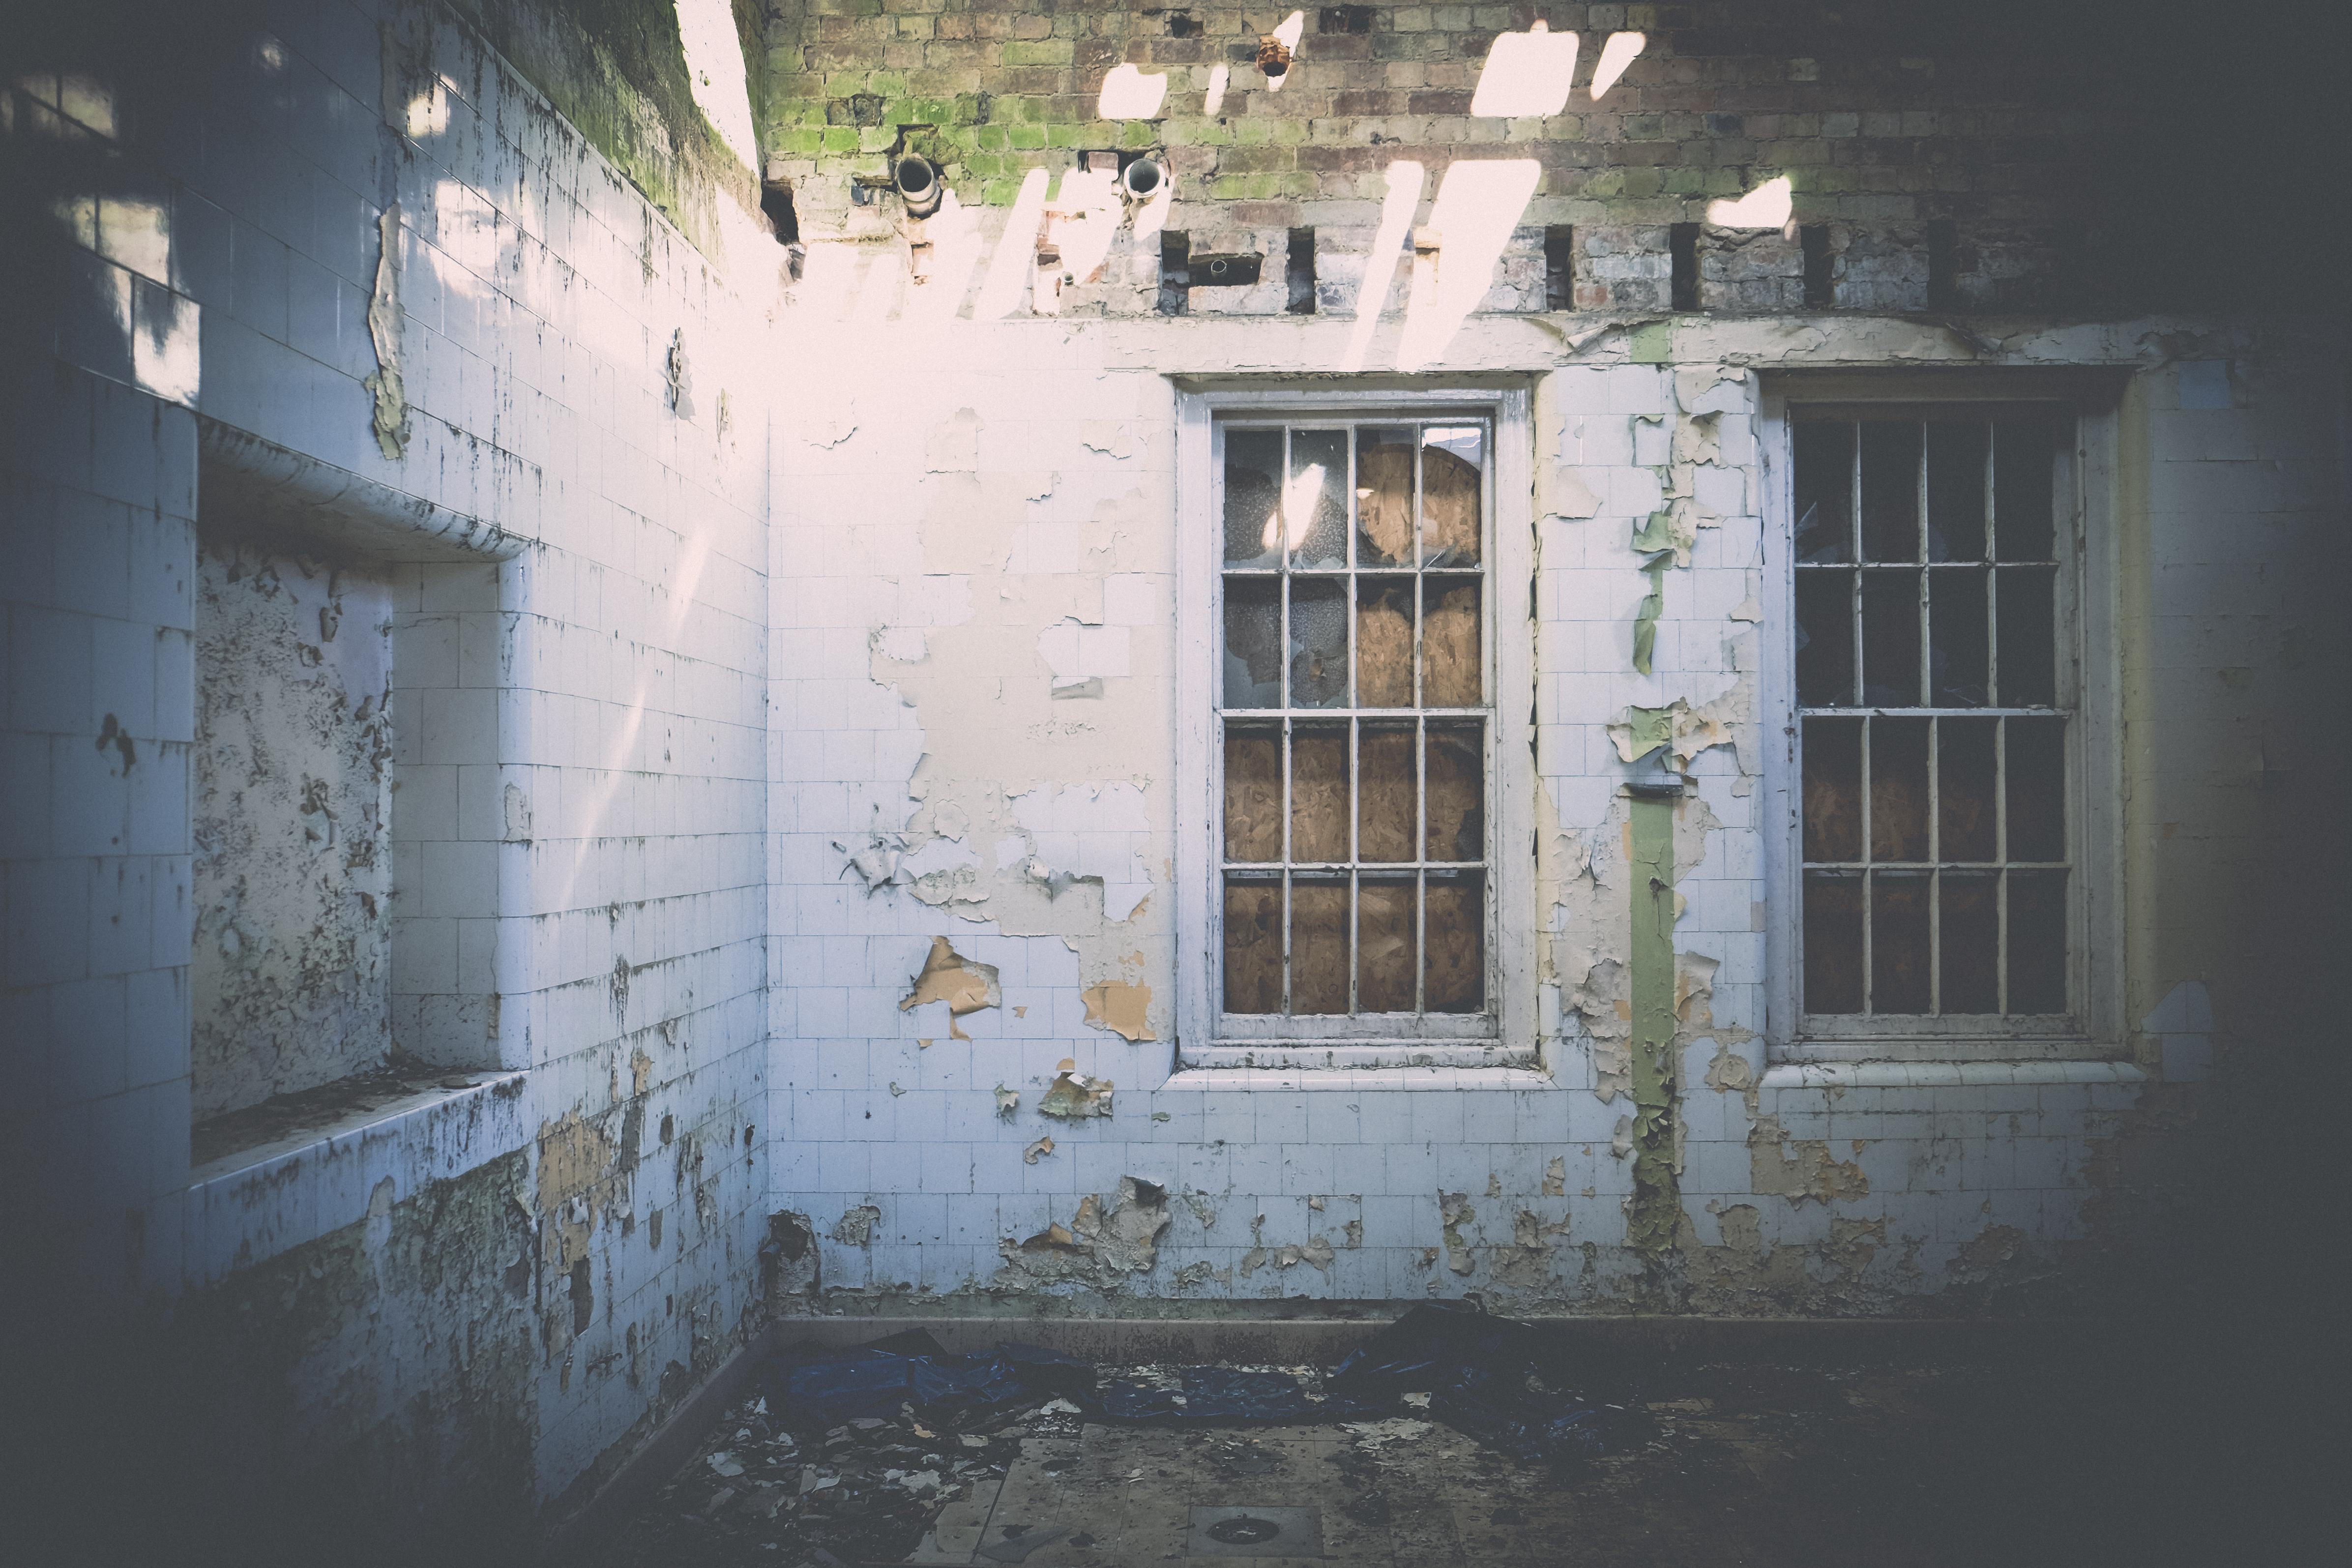 Hintergrundbilder : Haus, Mauer, Fenster, die Architektur, Zuhause ...